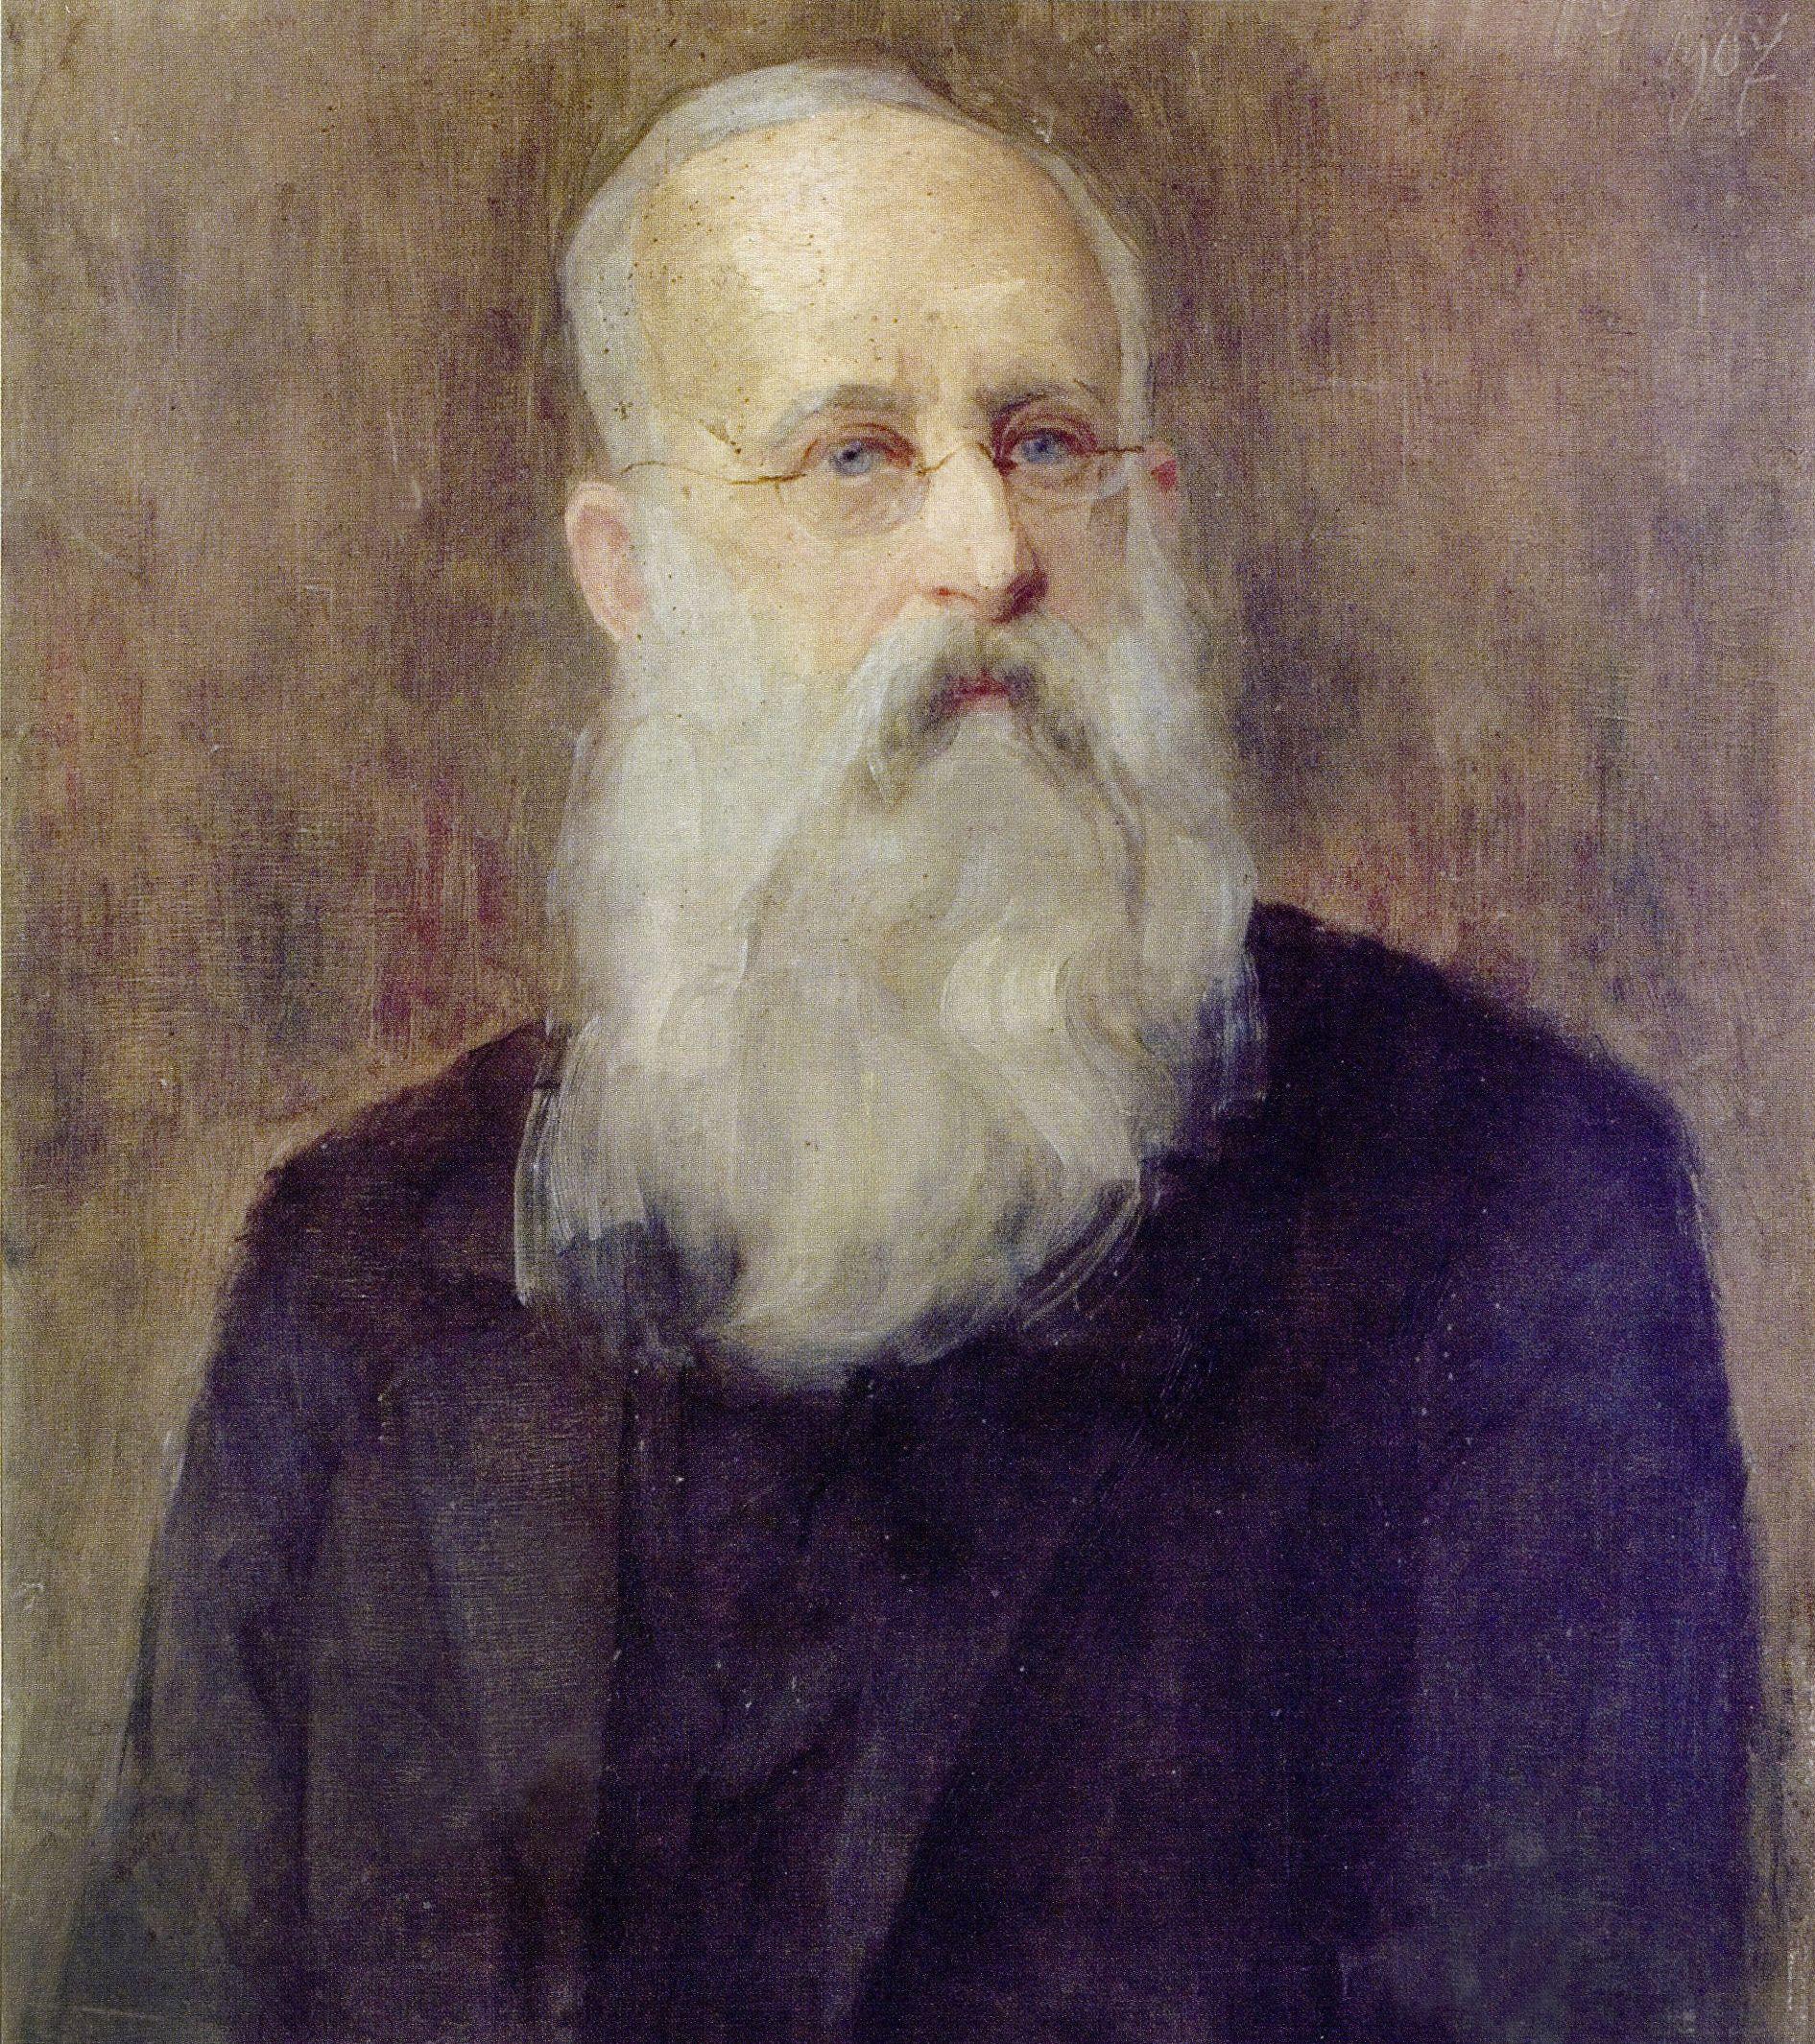 Анєля Пайонкувна. Мєчислав Павліковський, 1907;олія, полотно; ЛНГМ